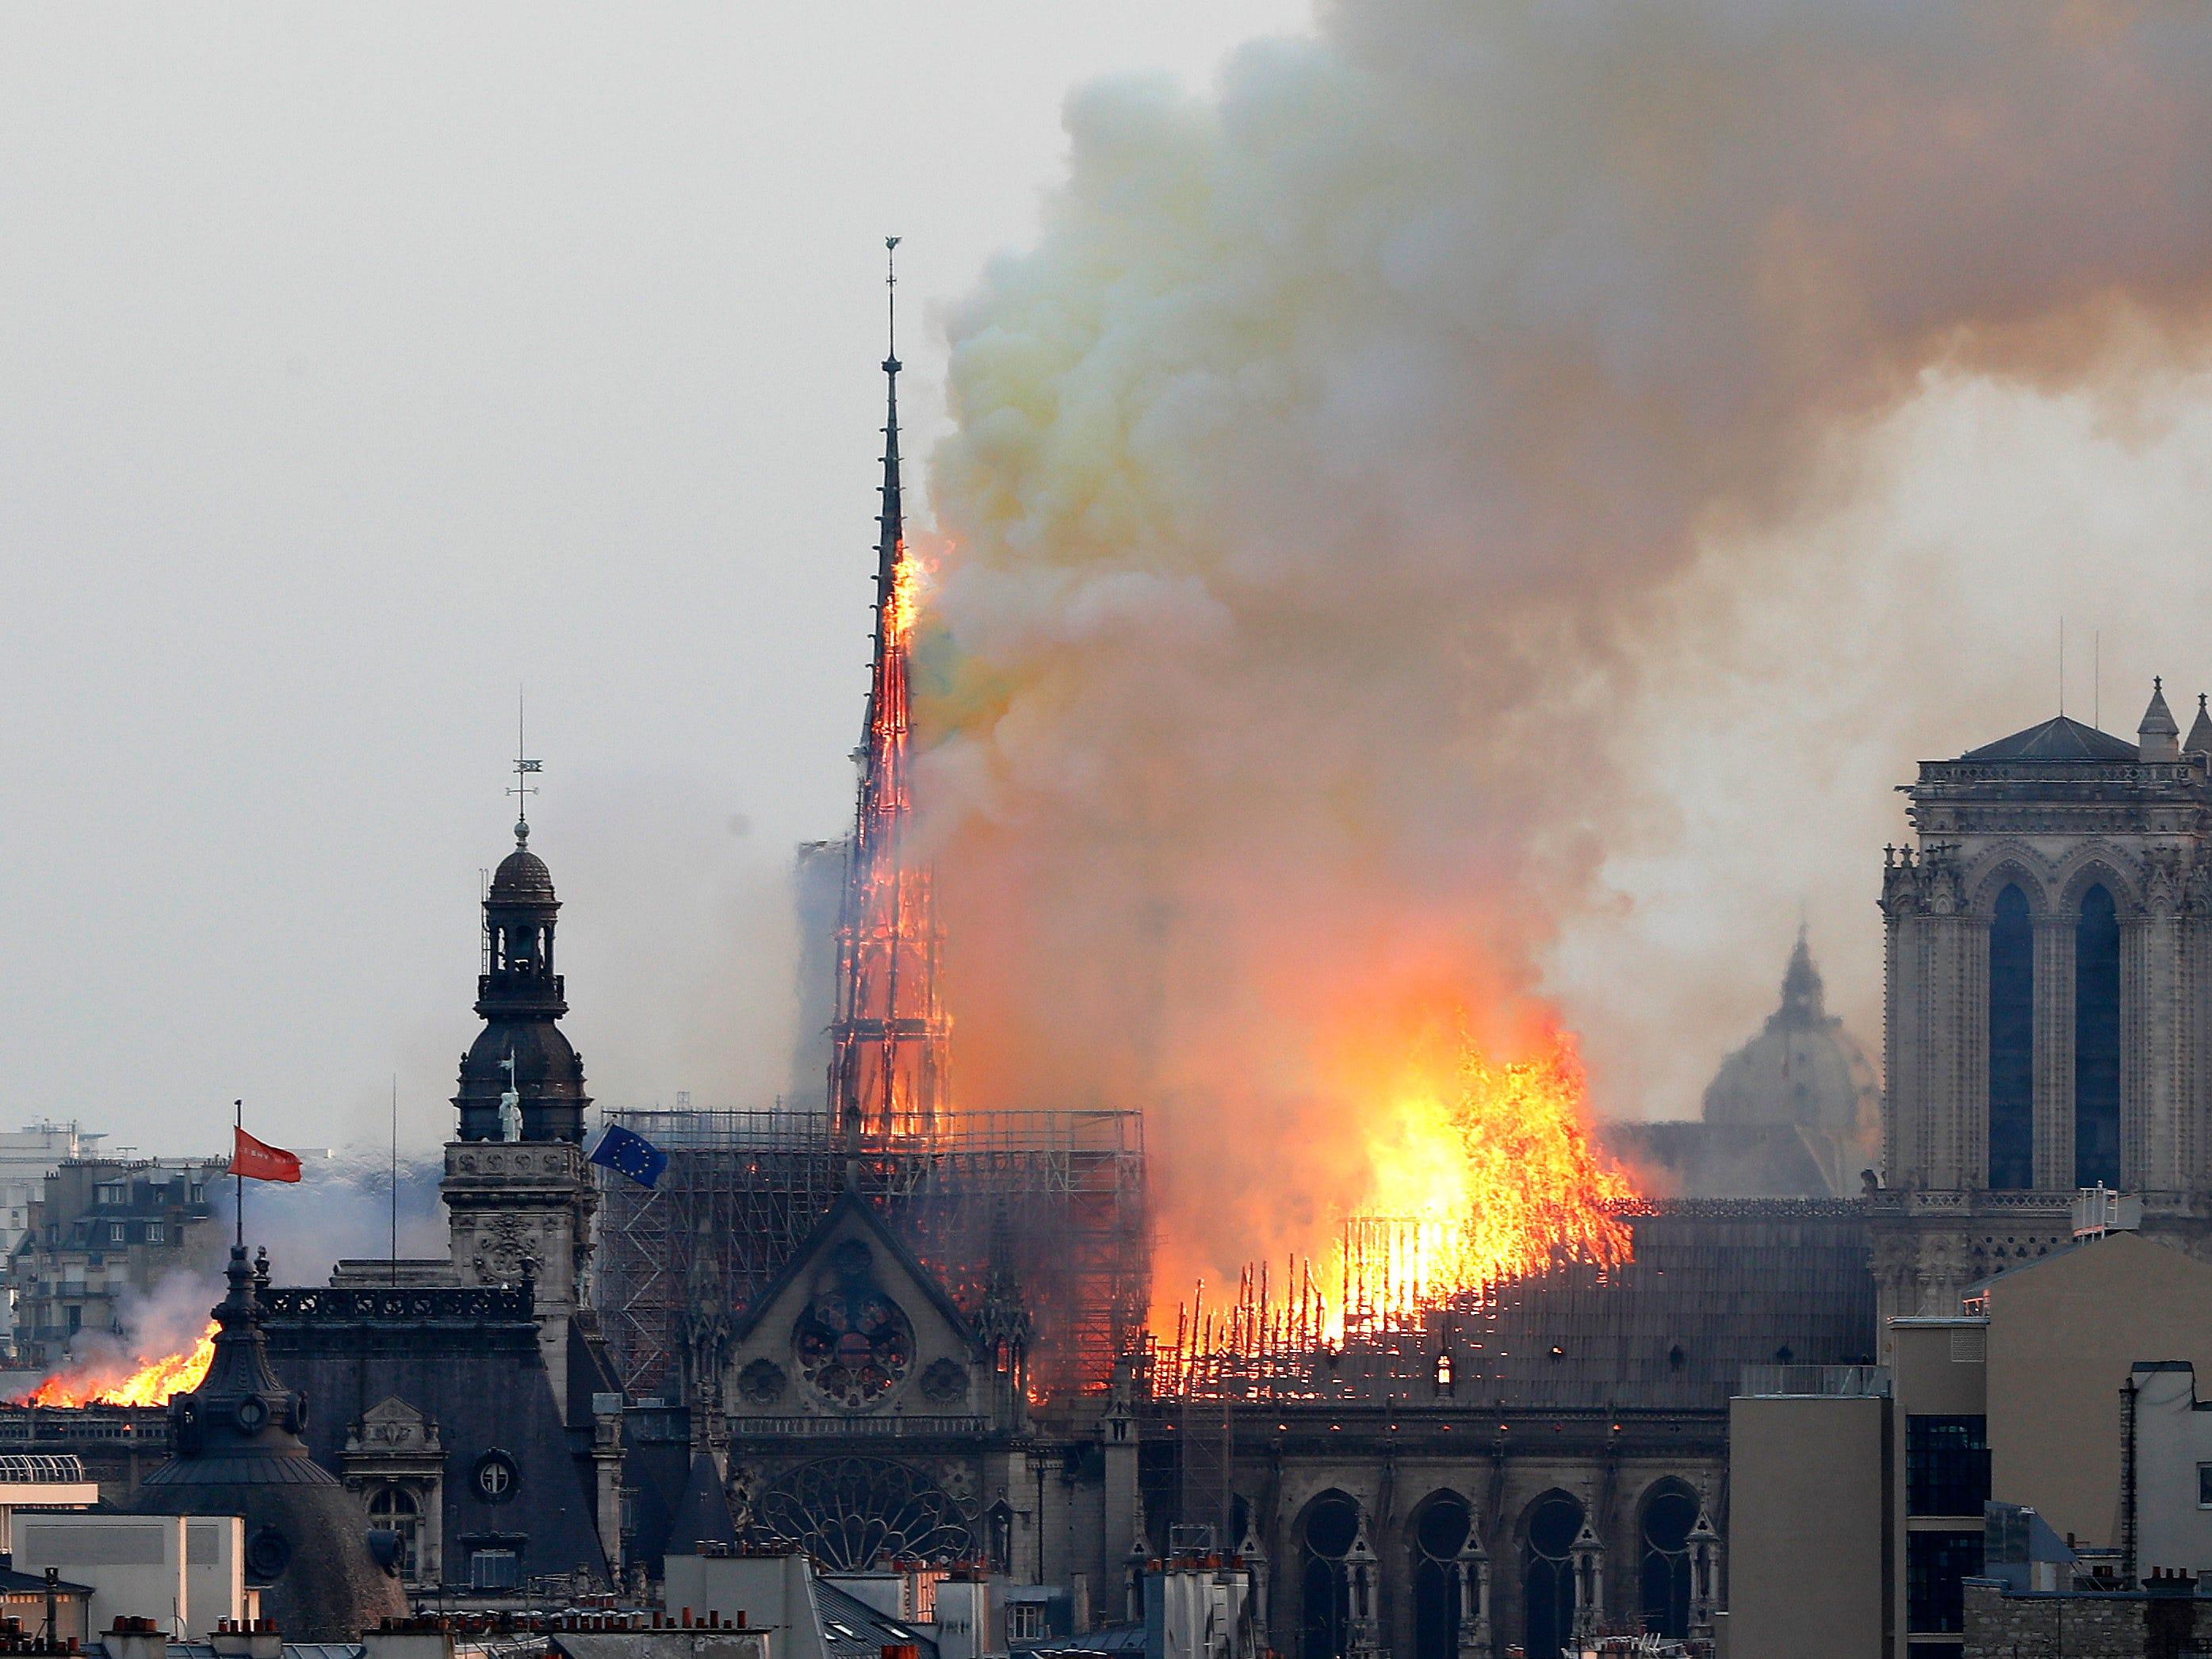 La alcaldesa de París Anne Hidalgo expresó su asombro por lo sucedido, y en un tuit avisó que los bomberos aún están batallando con las llamas. Exhortó a la ciudadanía a respetar el perímetro de seguridad establecido alrededor de la catedral.